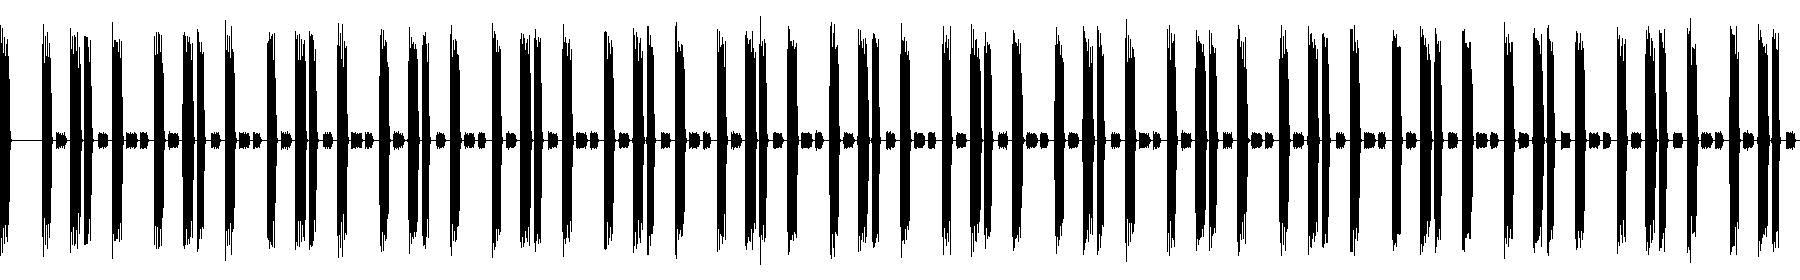 syn16 120